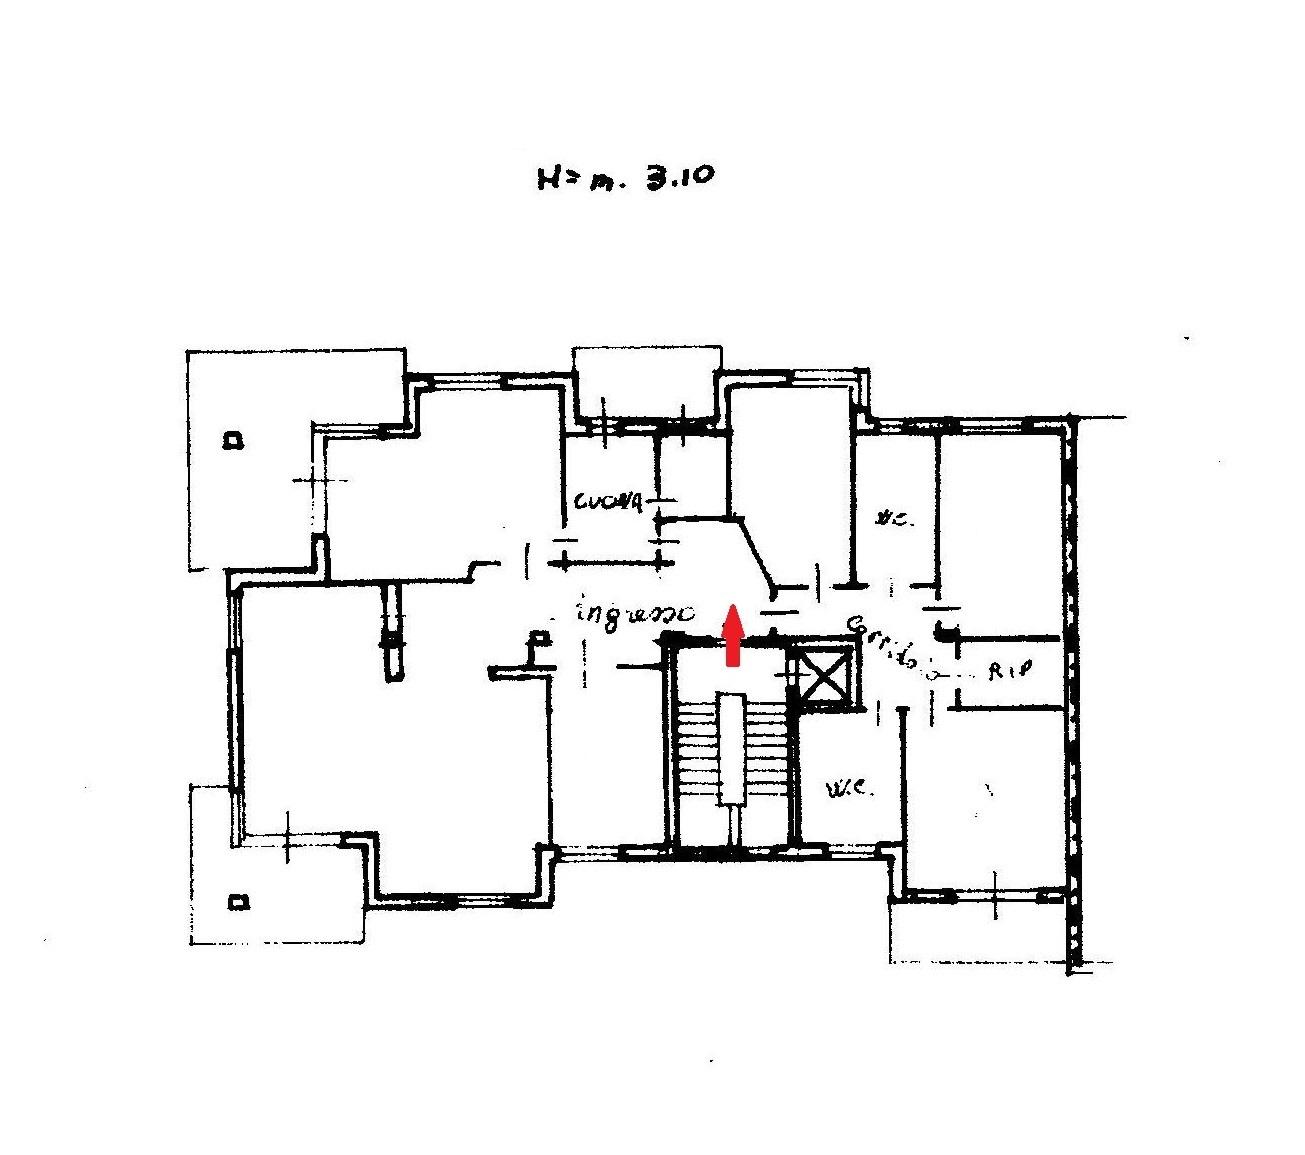 Appartamento In Vendita A Foggia VIA MICHELE ANTONINO FINI, 14 – Multivani + 2 Wc E Box